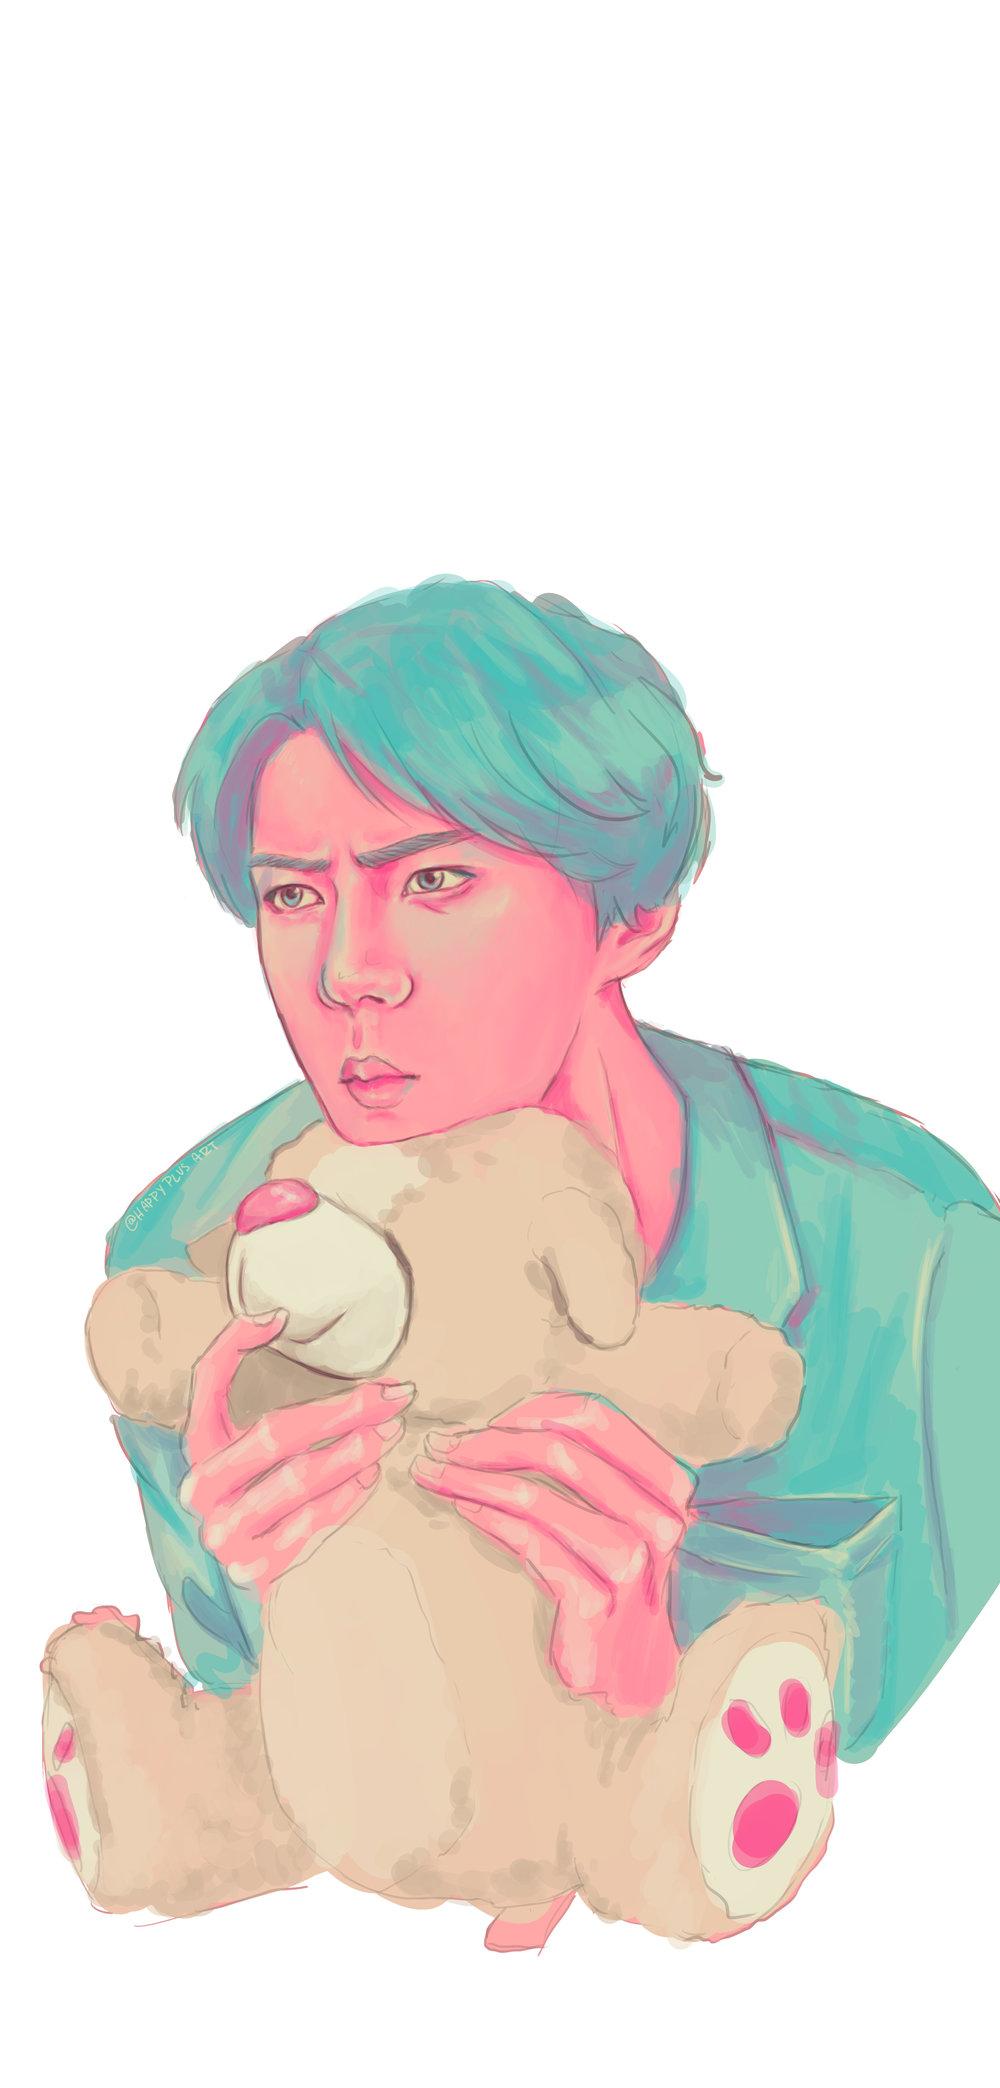 sehun_teddy3.jpg